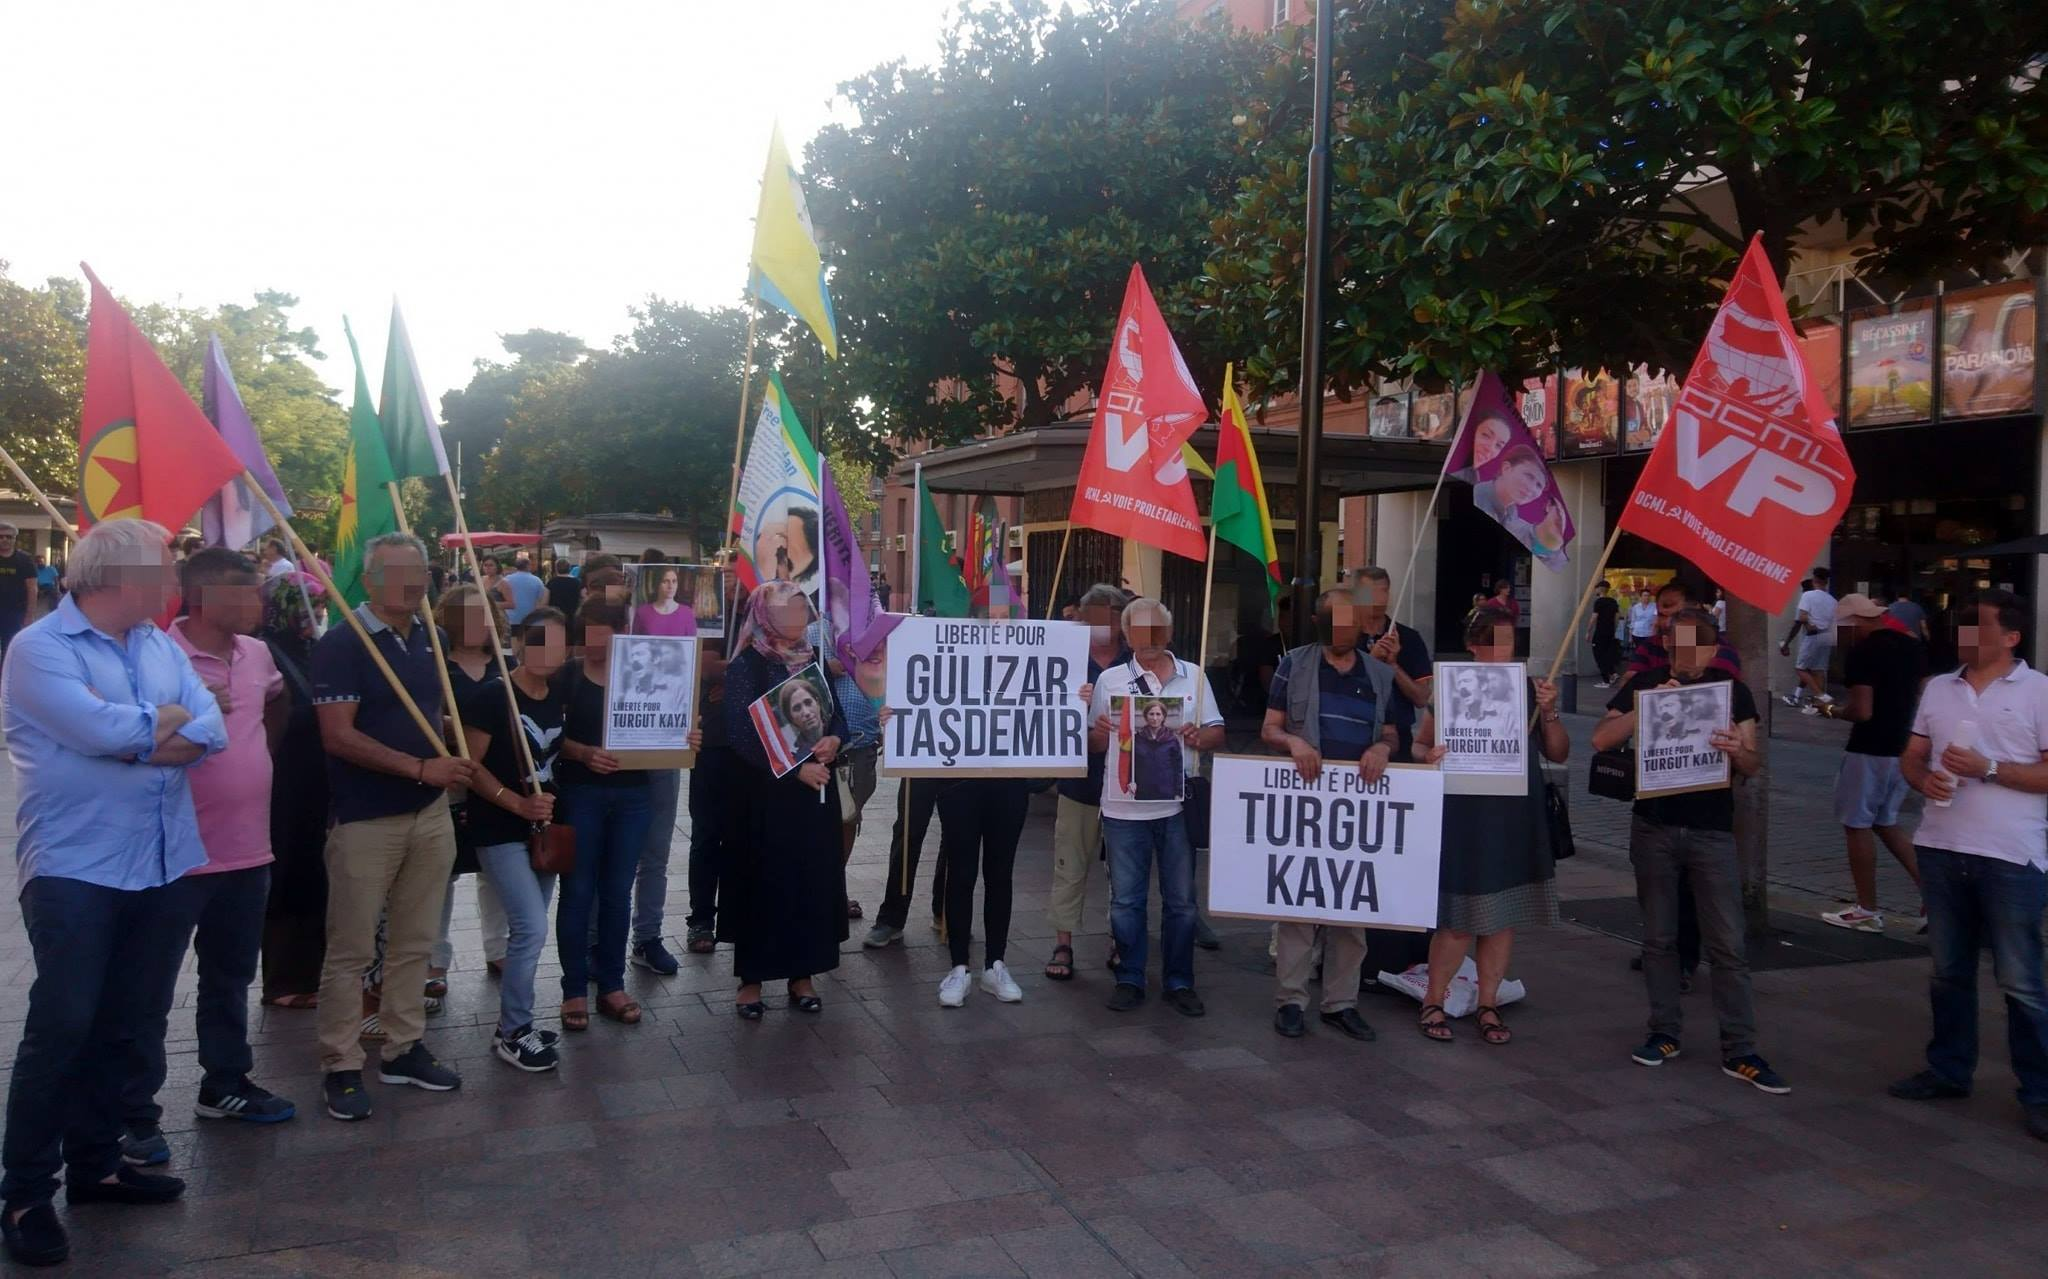 Rassemblement à Toulouse pour Turgut Kaya et Gülizar Taşdemir.